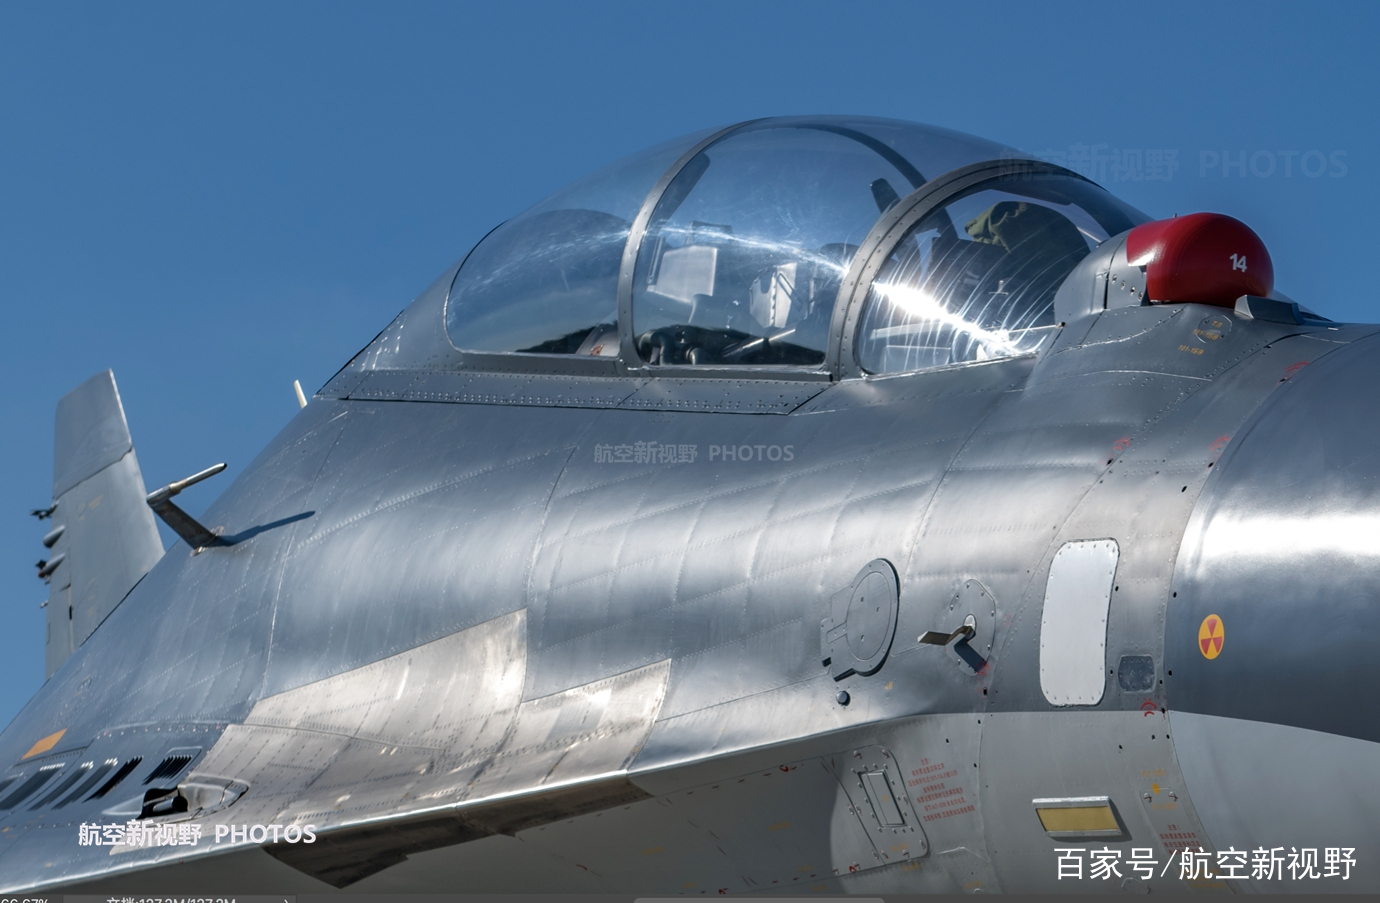 上世纪90年代末,俄罗斯方面公开一款名为苏-30MKK的战斗机一下子就吸引了很多人的注意,这款战斗机随后开始大量装备中国空军和海军航空兵。服役近20年,虽然参加了很多军事活动,但是民众想近距离见到一直没有成行。终于中国空军在今年一次活动,对民众公开展示这款战机。今天我们来看看这款战机的一些高清照片,欣赏他的风采吧。  图为中国空军某部苏-30MKK战斗机的机头雷达罩。  图为中国空军某部苏-30MKK战斗机的前机身蒙皮特写。由于这款战机采用了老苏-35的一些结构设计,加上工厂制造工艺的提升,其整体做工要